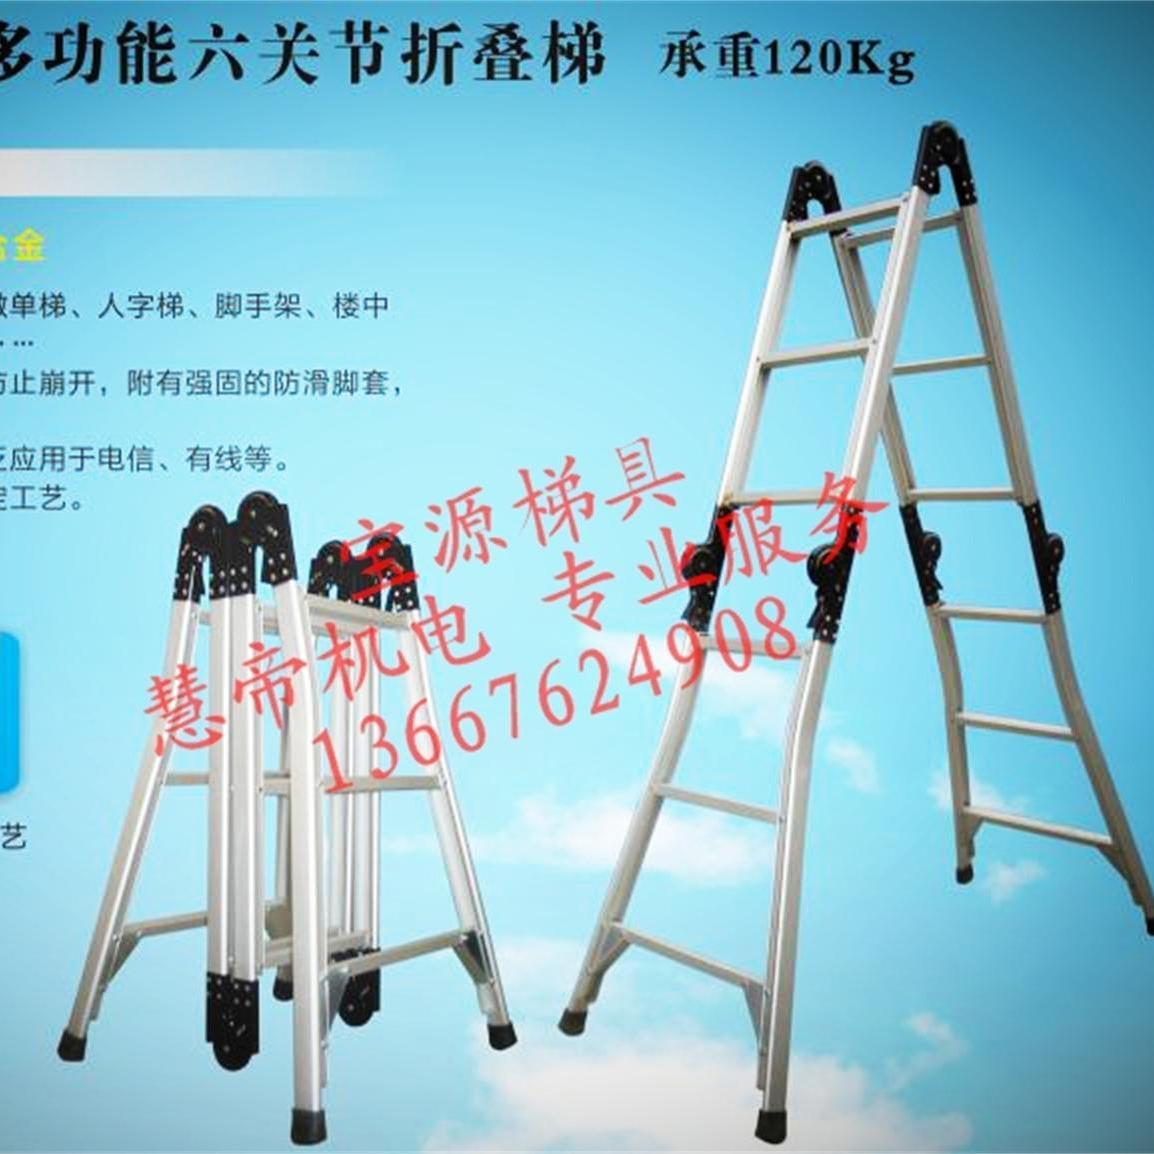 宝源多功能折叠梯加厚铝合金工程梯子家用直梯人字梯关节梯伸缩梯多功能家用梯折叠梯子铝合金加厚人字伸缩